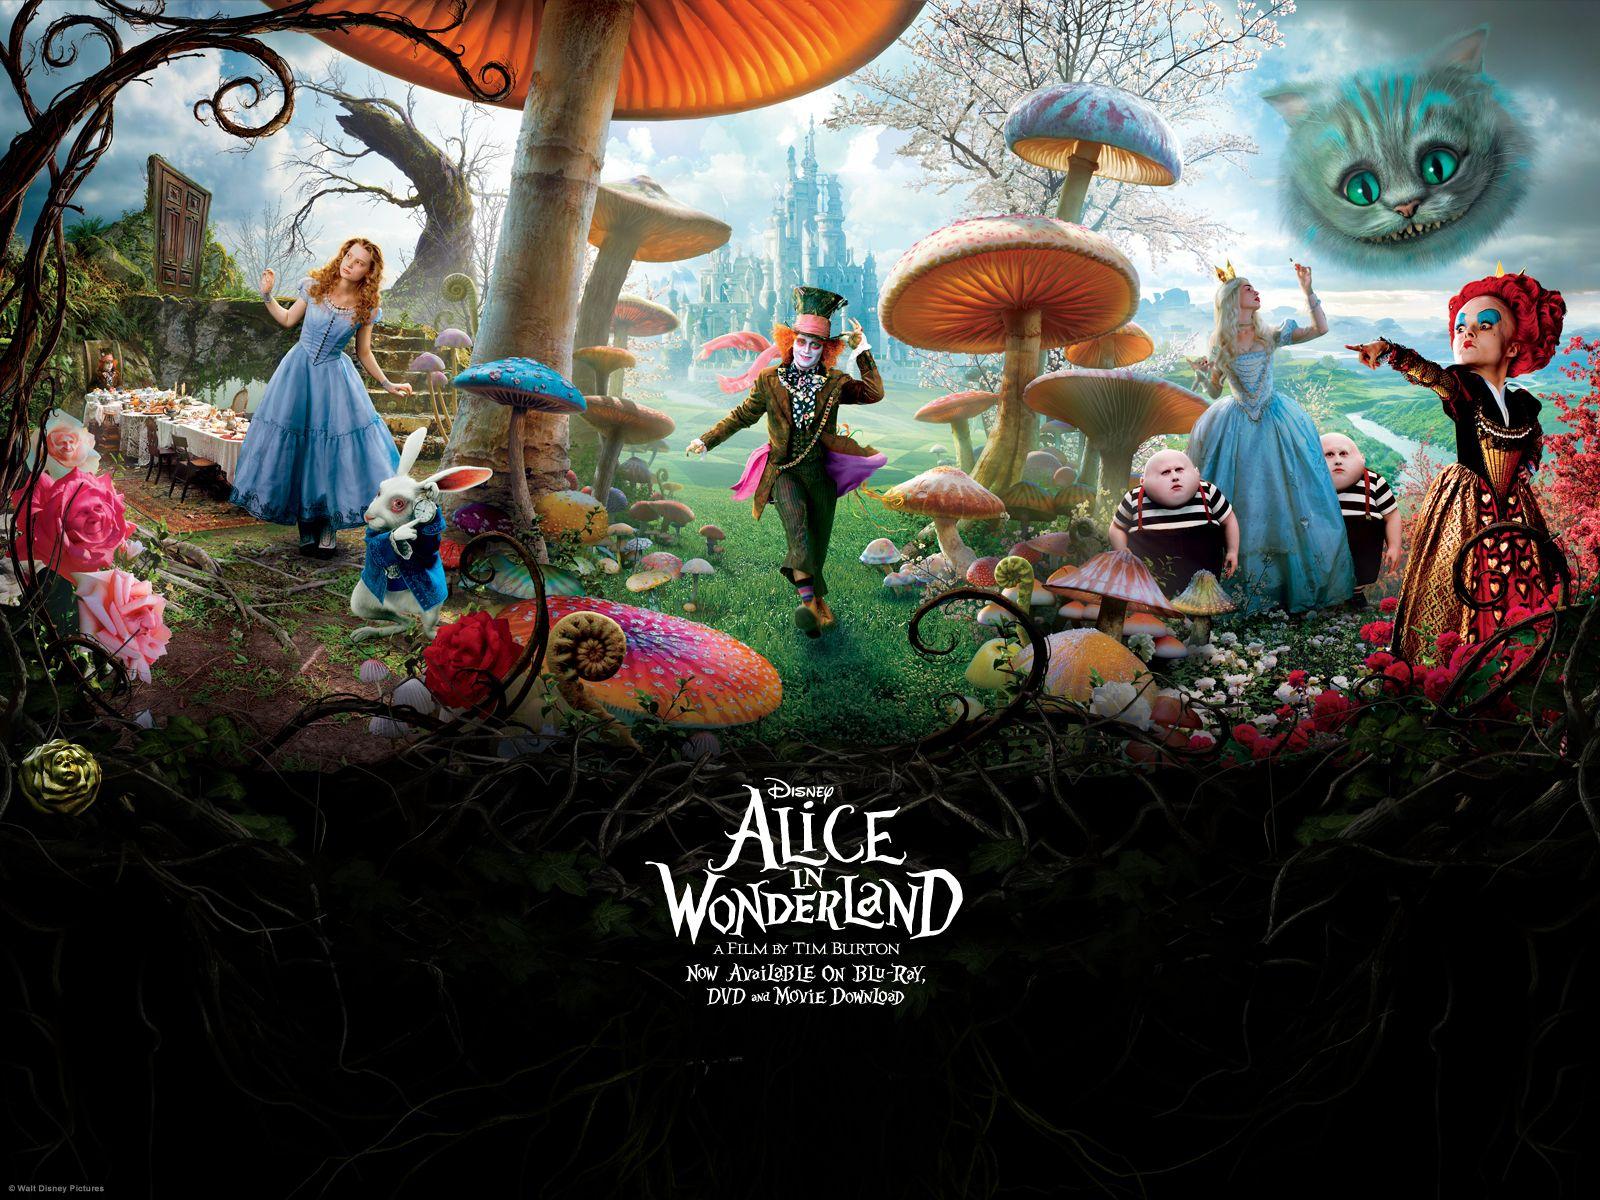 Alice In Wonderland 2010 Wallpaper Alice In Wonderland Alice In Wonderland Pictures Alice In Wonderland Poster Alice In Wonderland Background